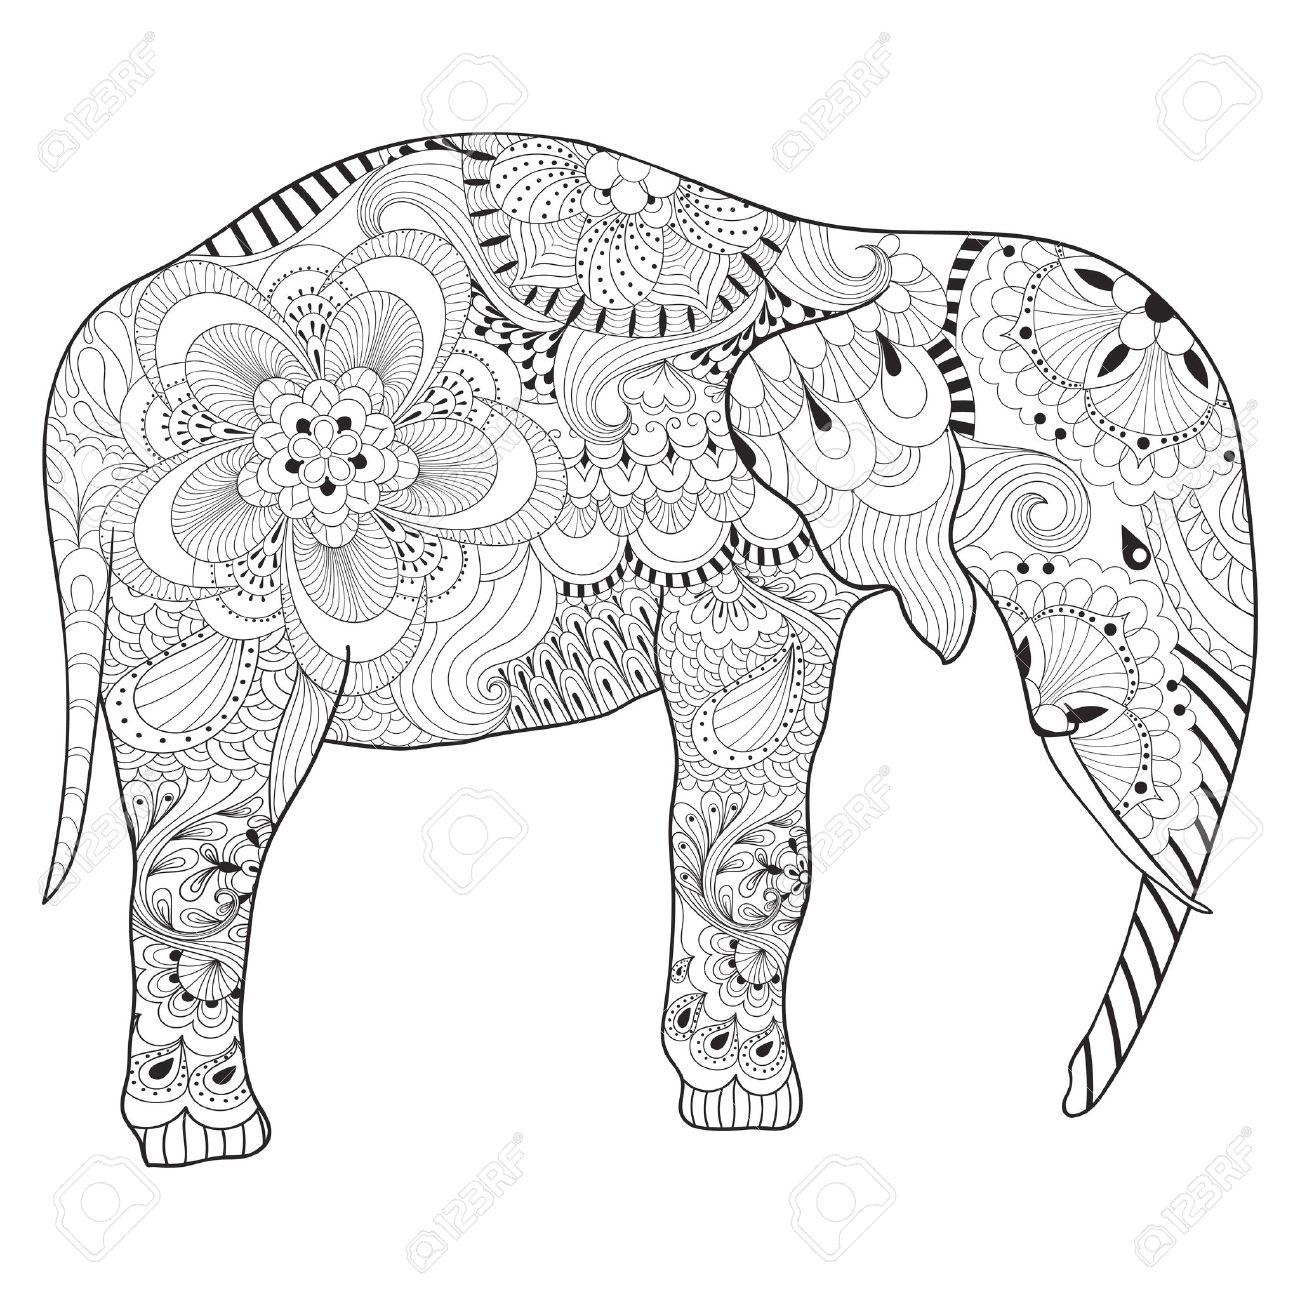 Dibujado A Mano Elefante Con La Mandala Para Colorear Antiestrés ...